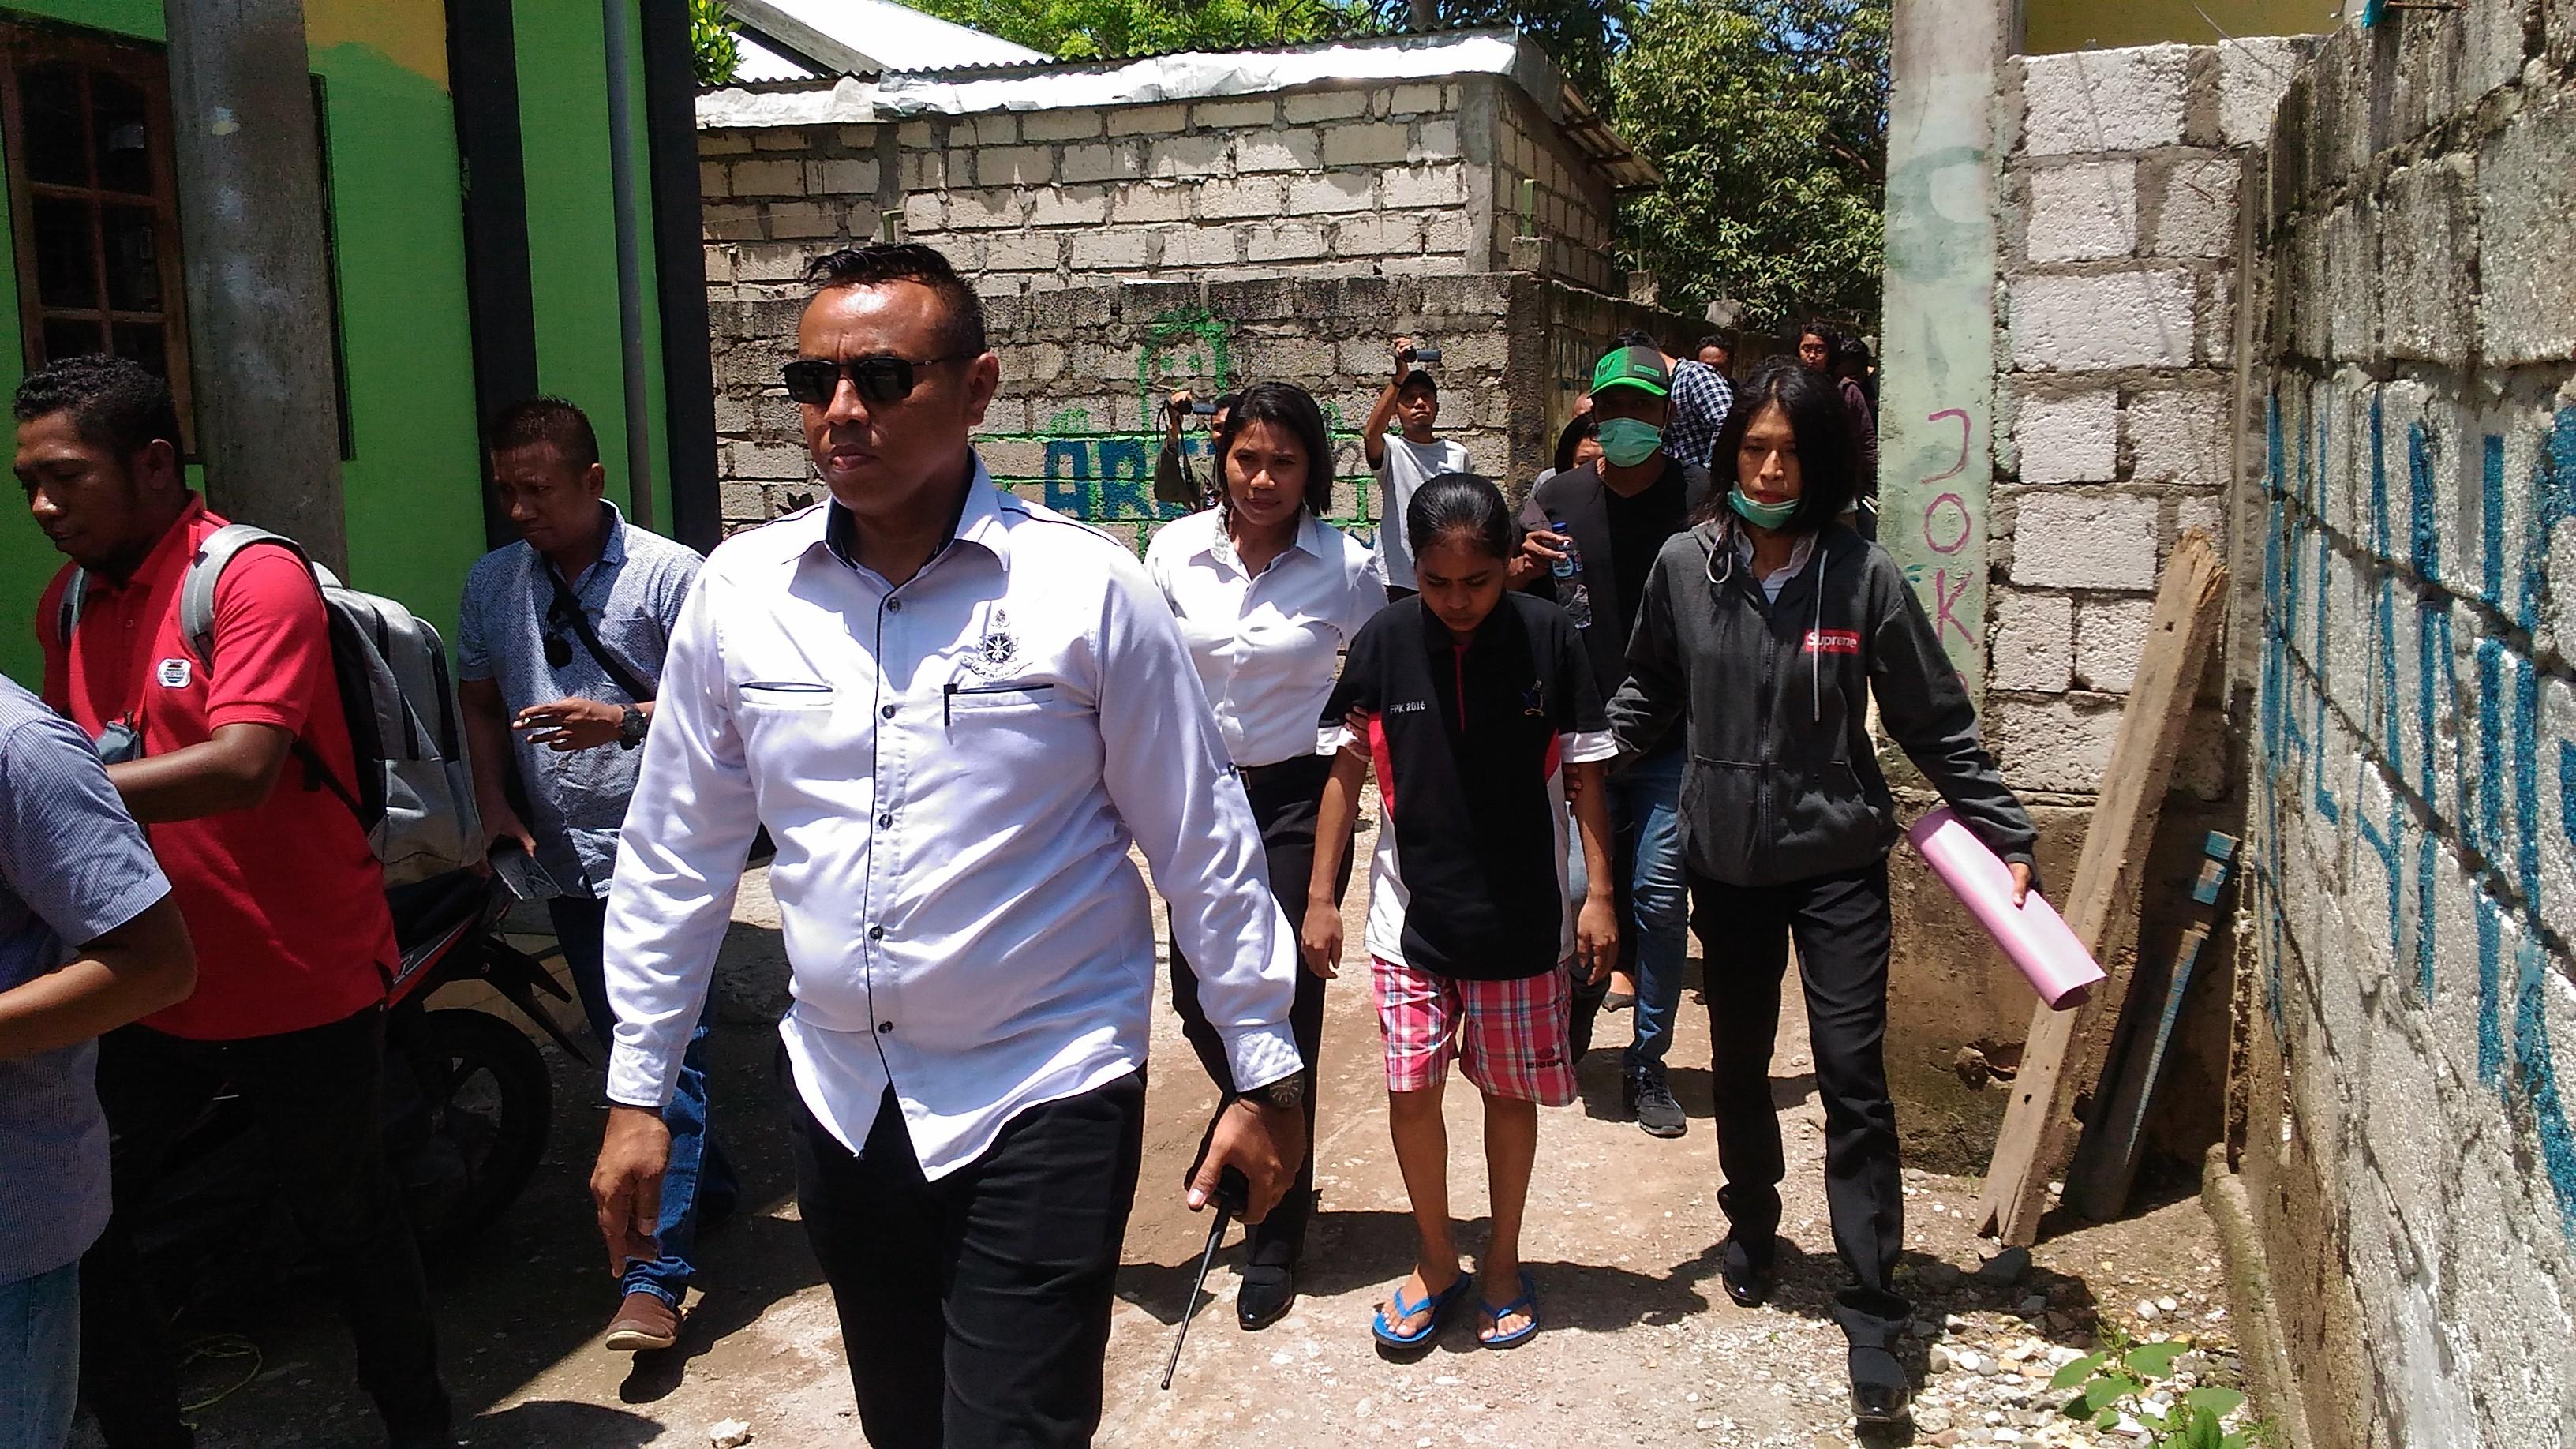 Mahasiswi Pembunuh Bayi di Kupang Masih Berusia 18 Tahun